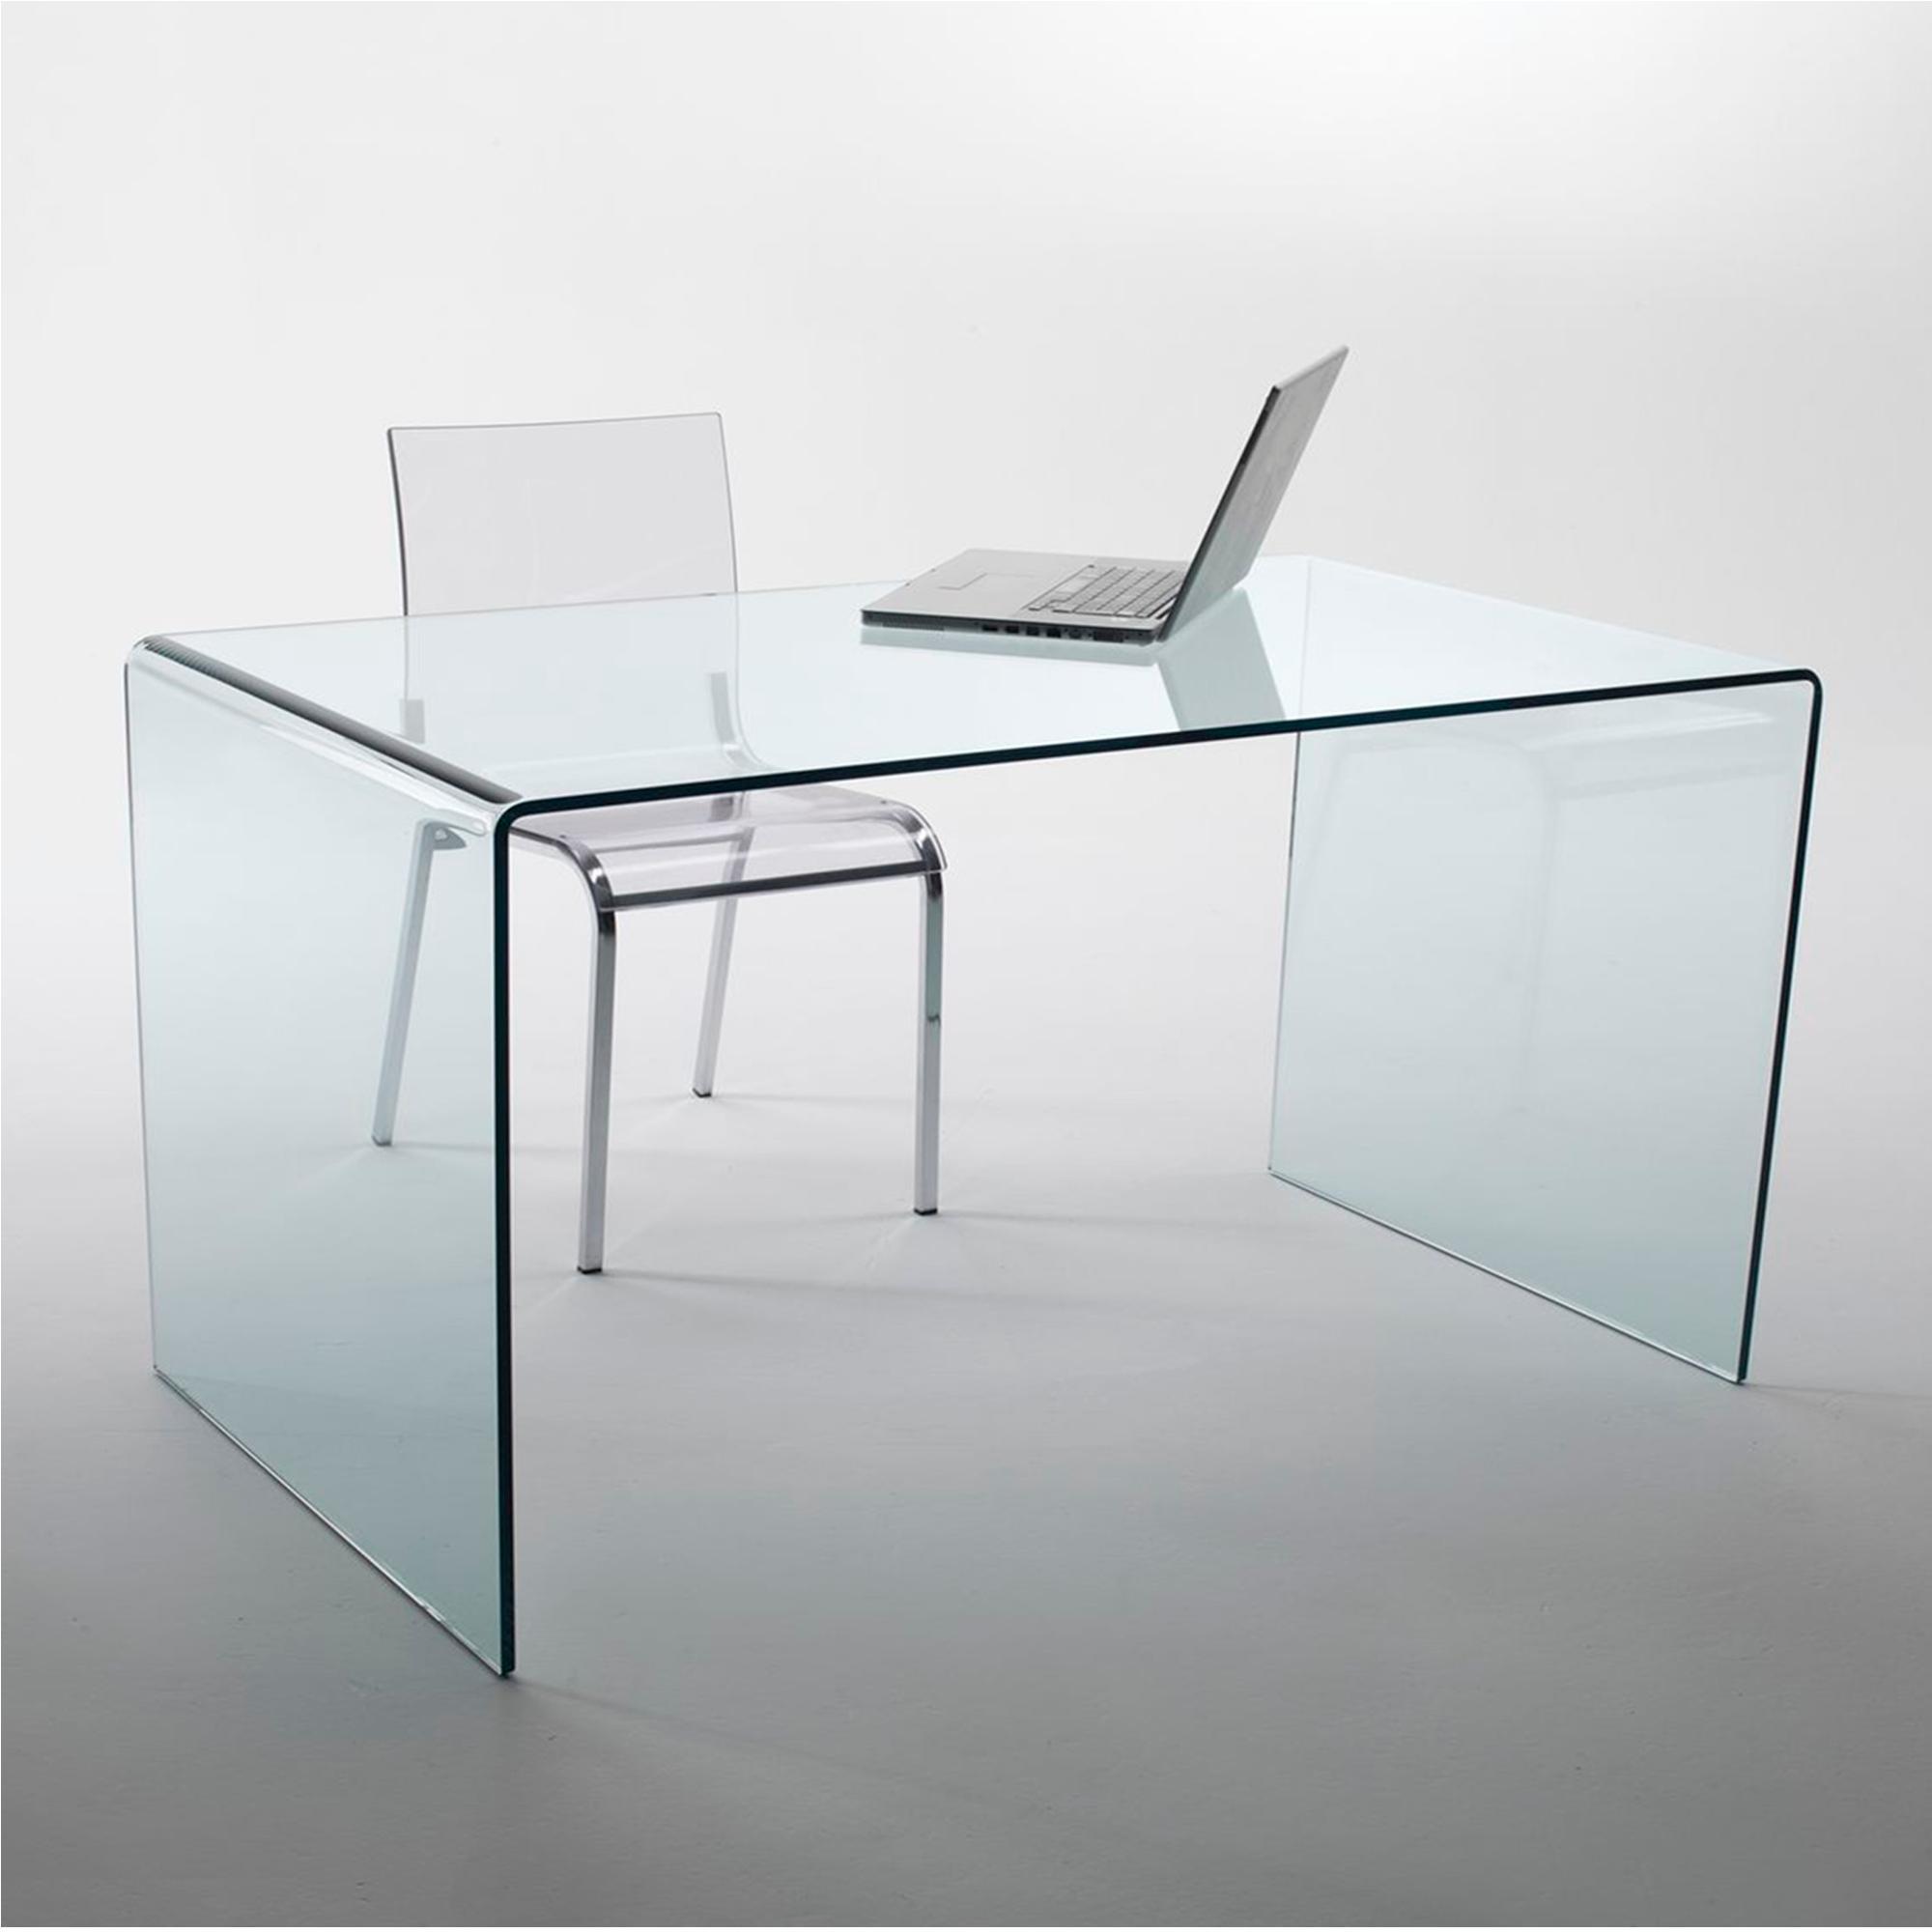 Angoliera vetro al prezzo migliore offerte opinioni recensioni sconti ebay kelkoo - Tavolo vetro temperato opinioni ...